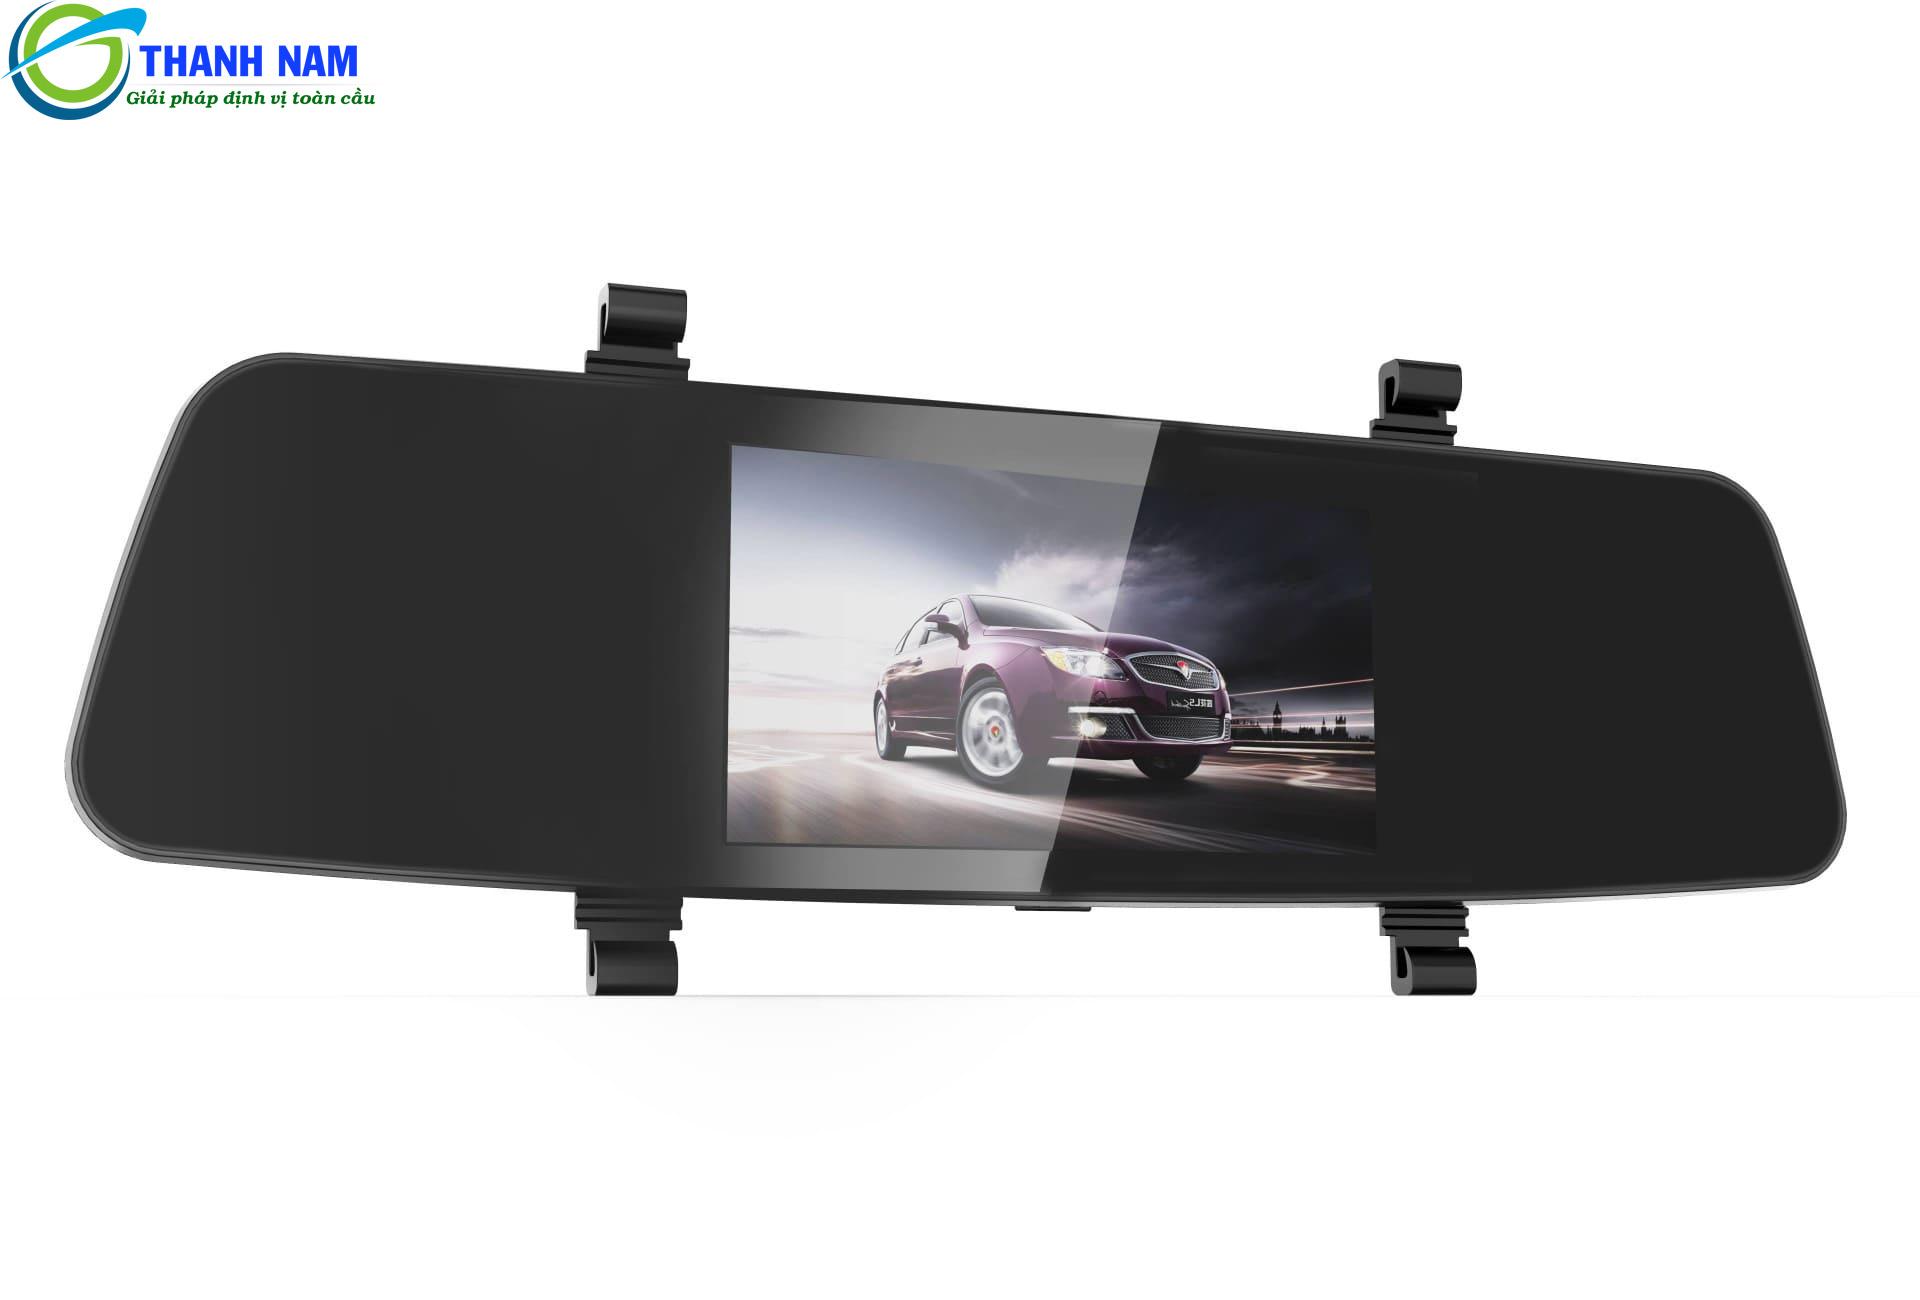 camera hành trình trên gương g8+ carcam